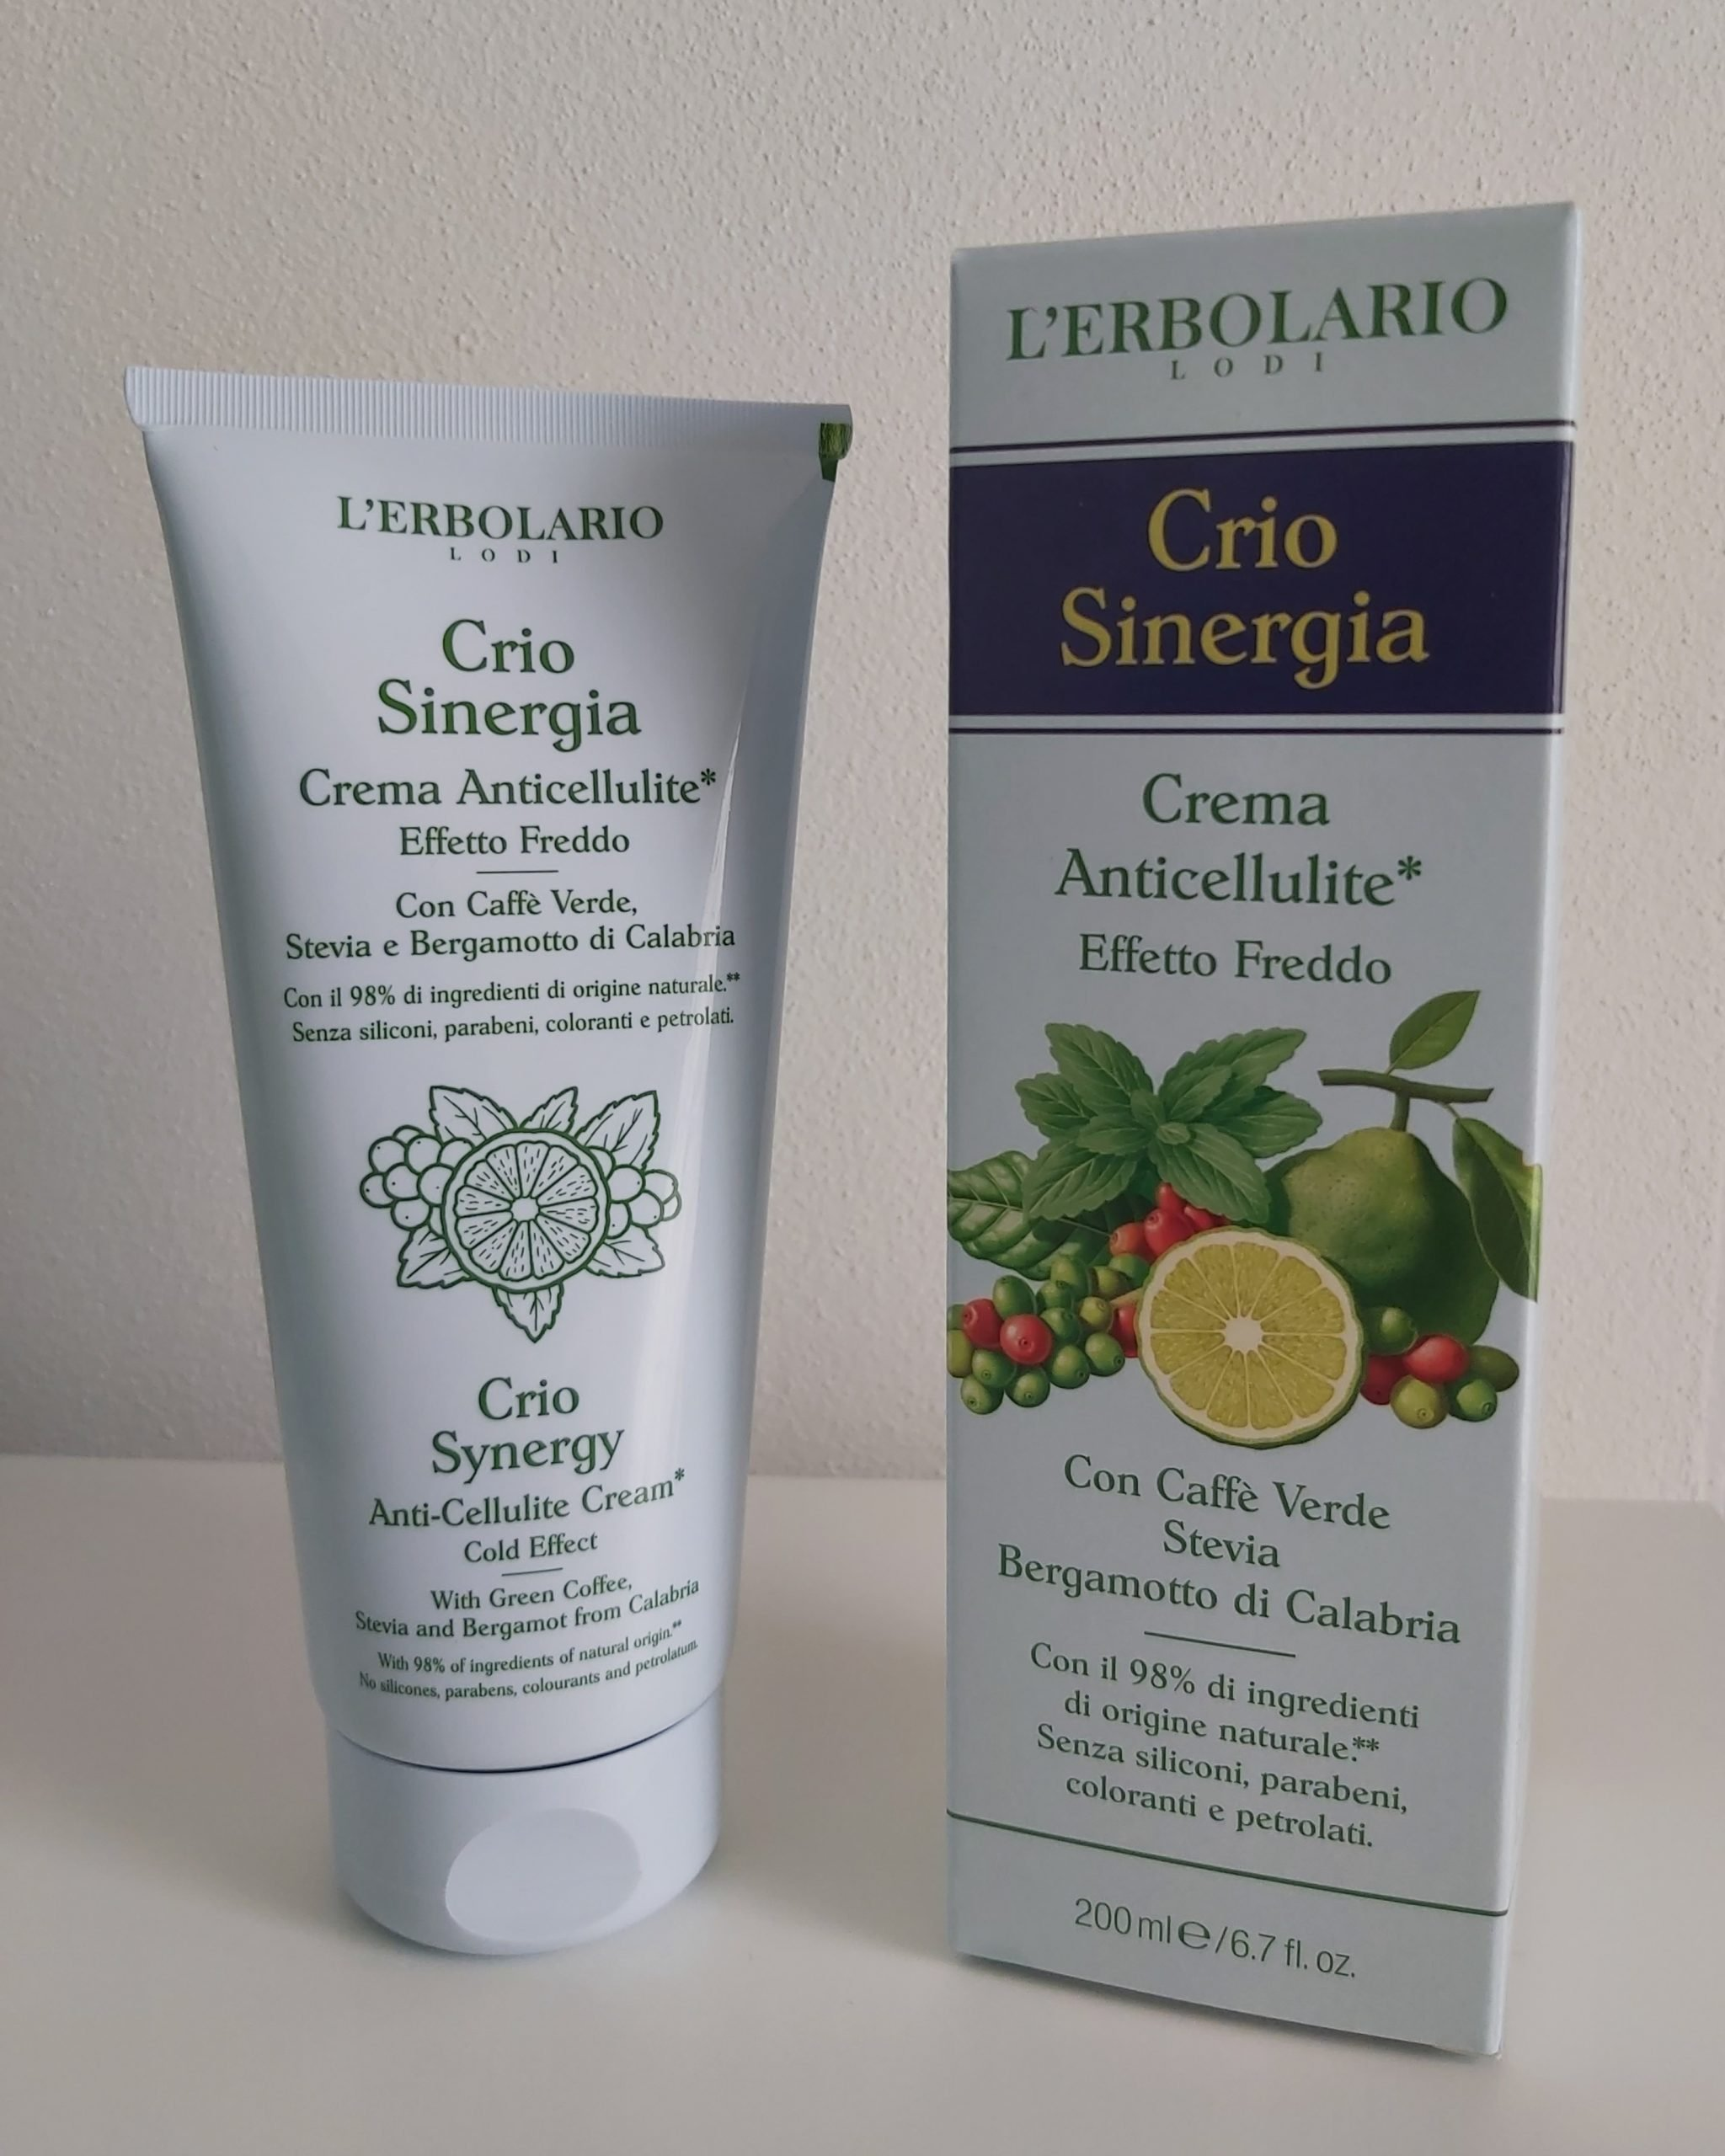 Migliore Crema Anticellulite Crio Sinergia LErbolario